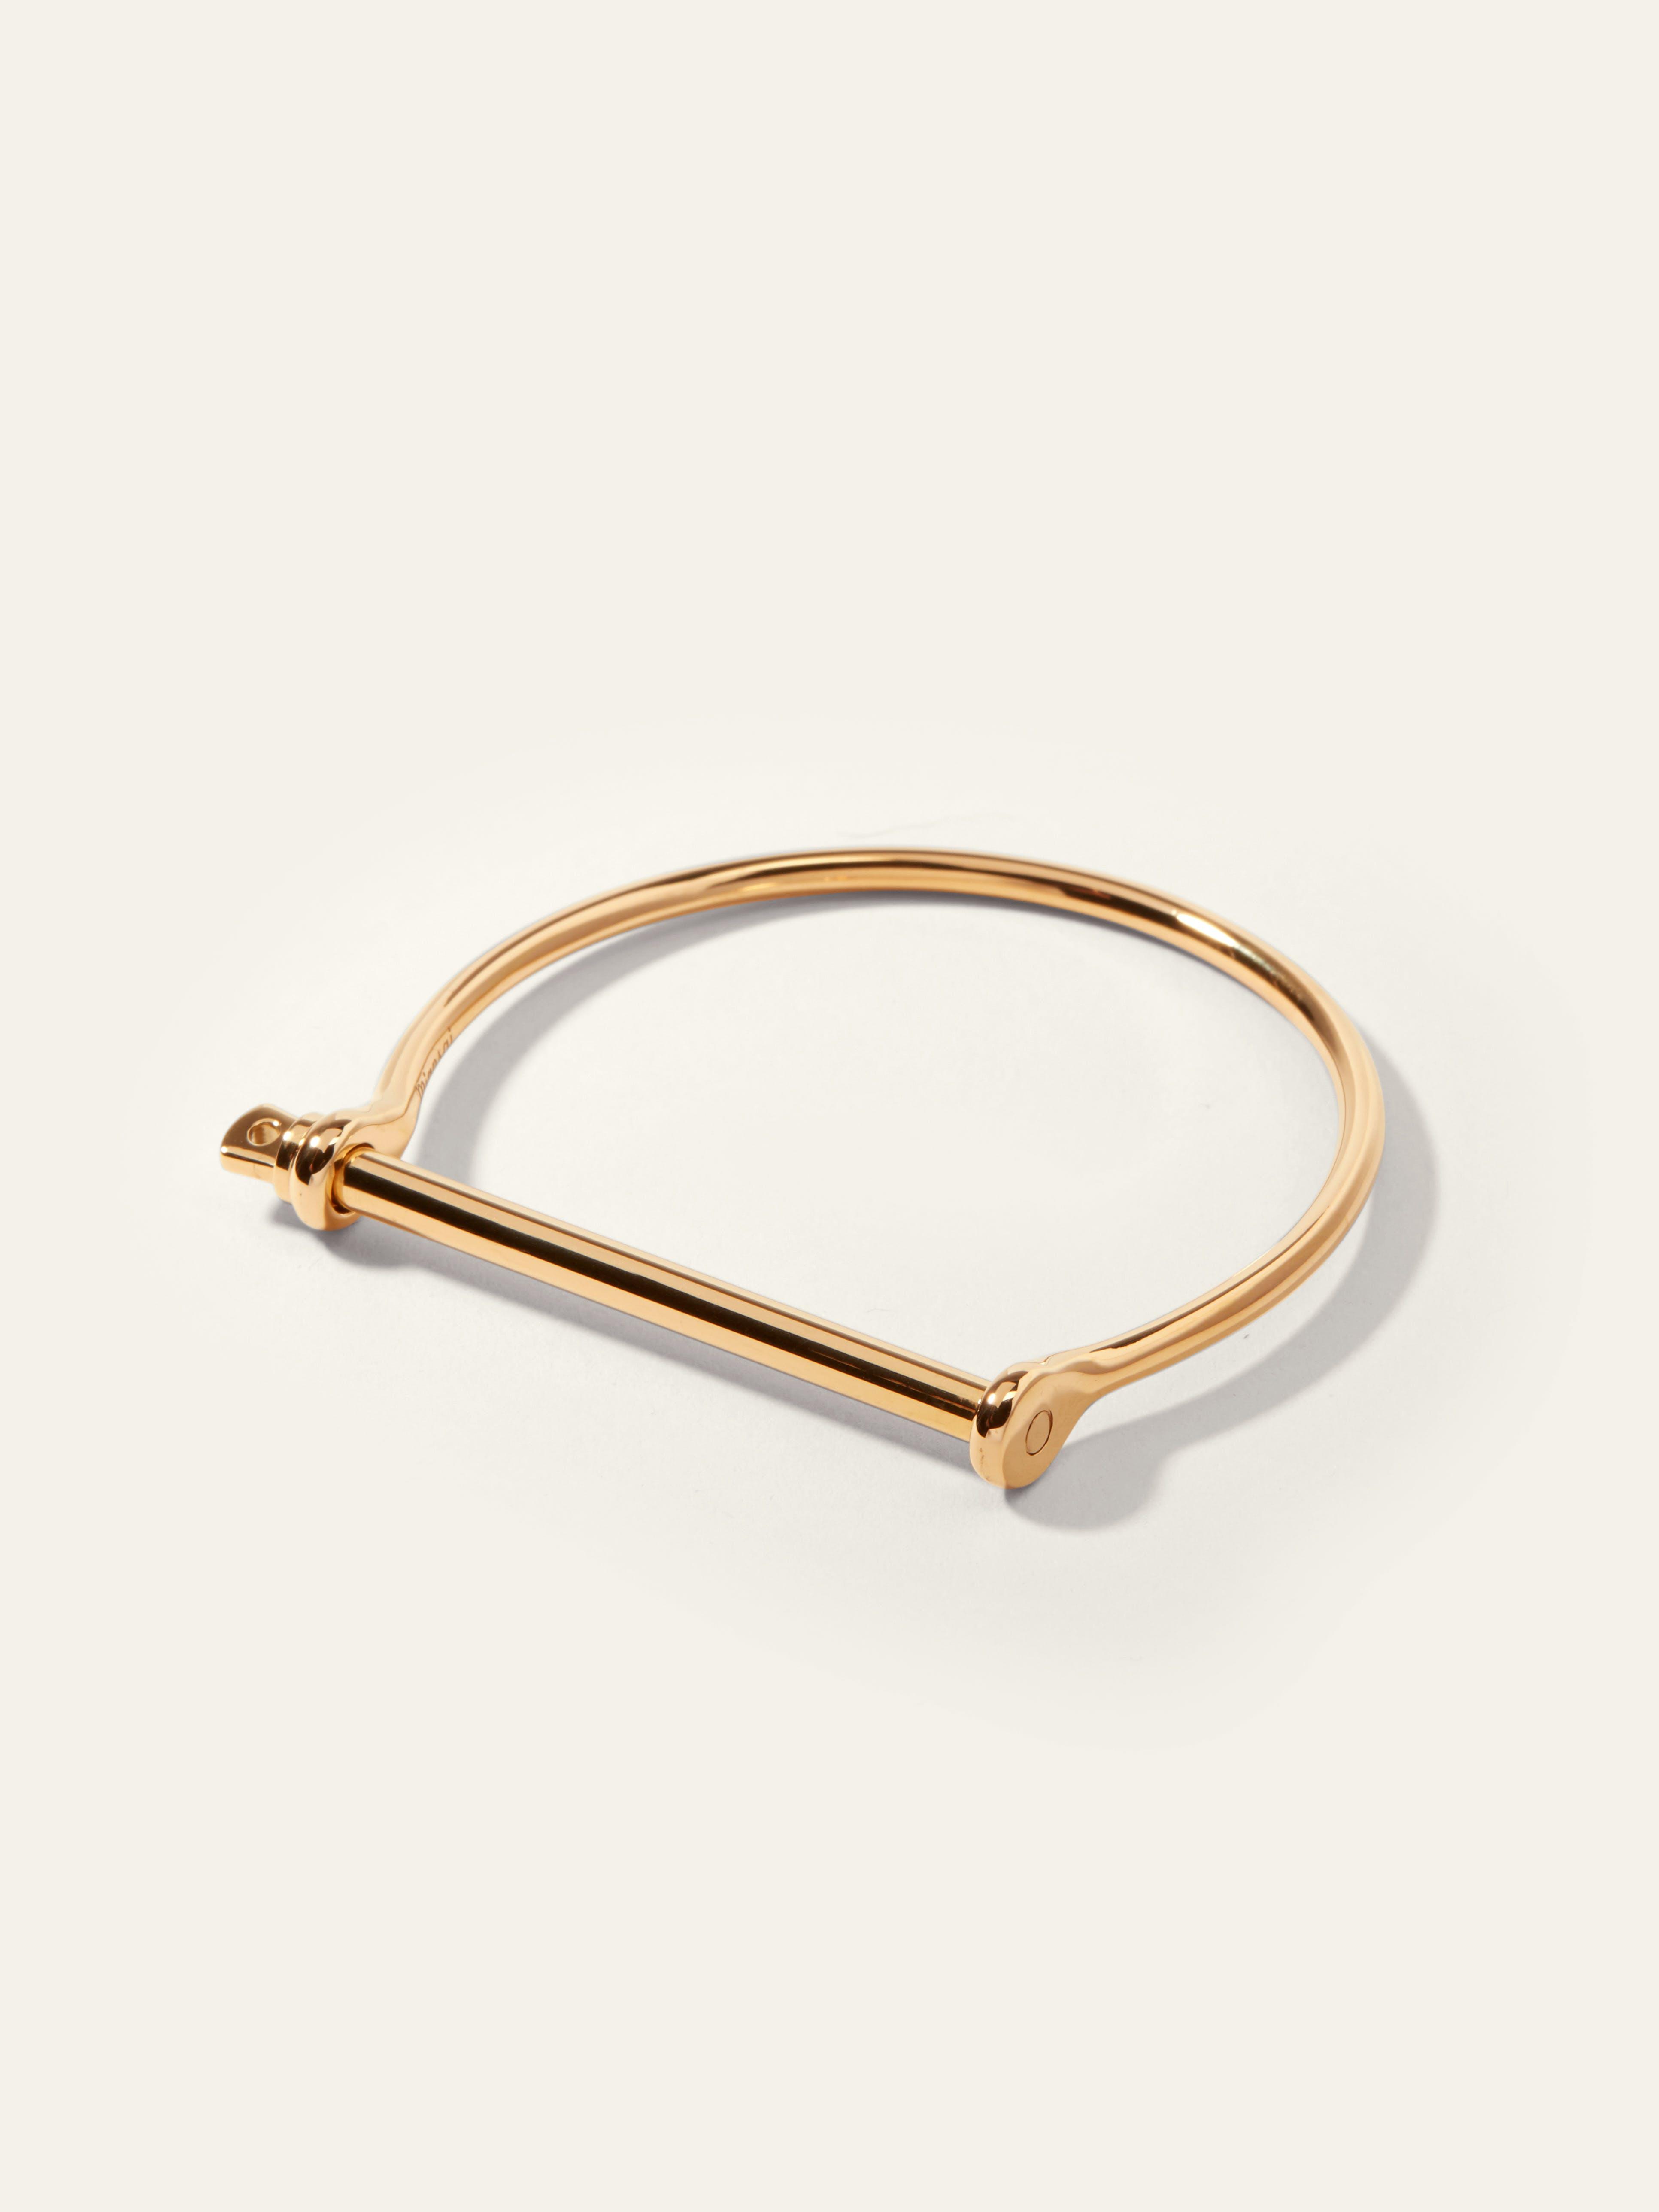 Arrow Jewelry Stainless Steel Screw Link Bracelet 10 Polished Finish